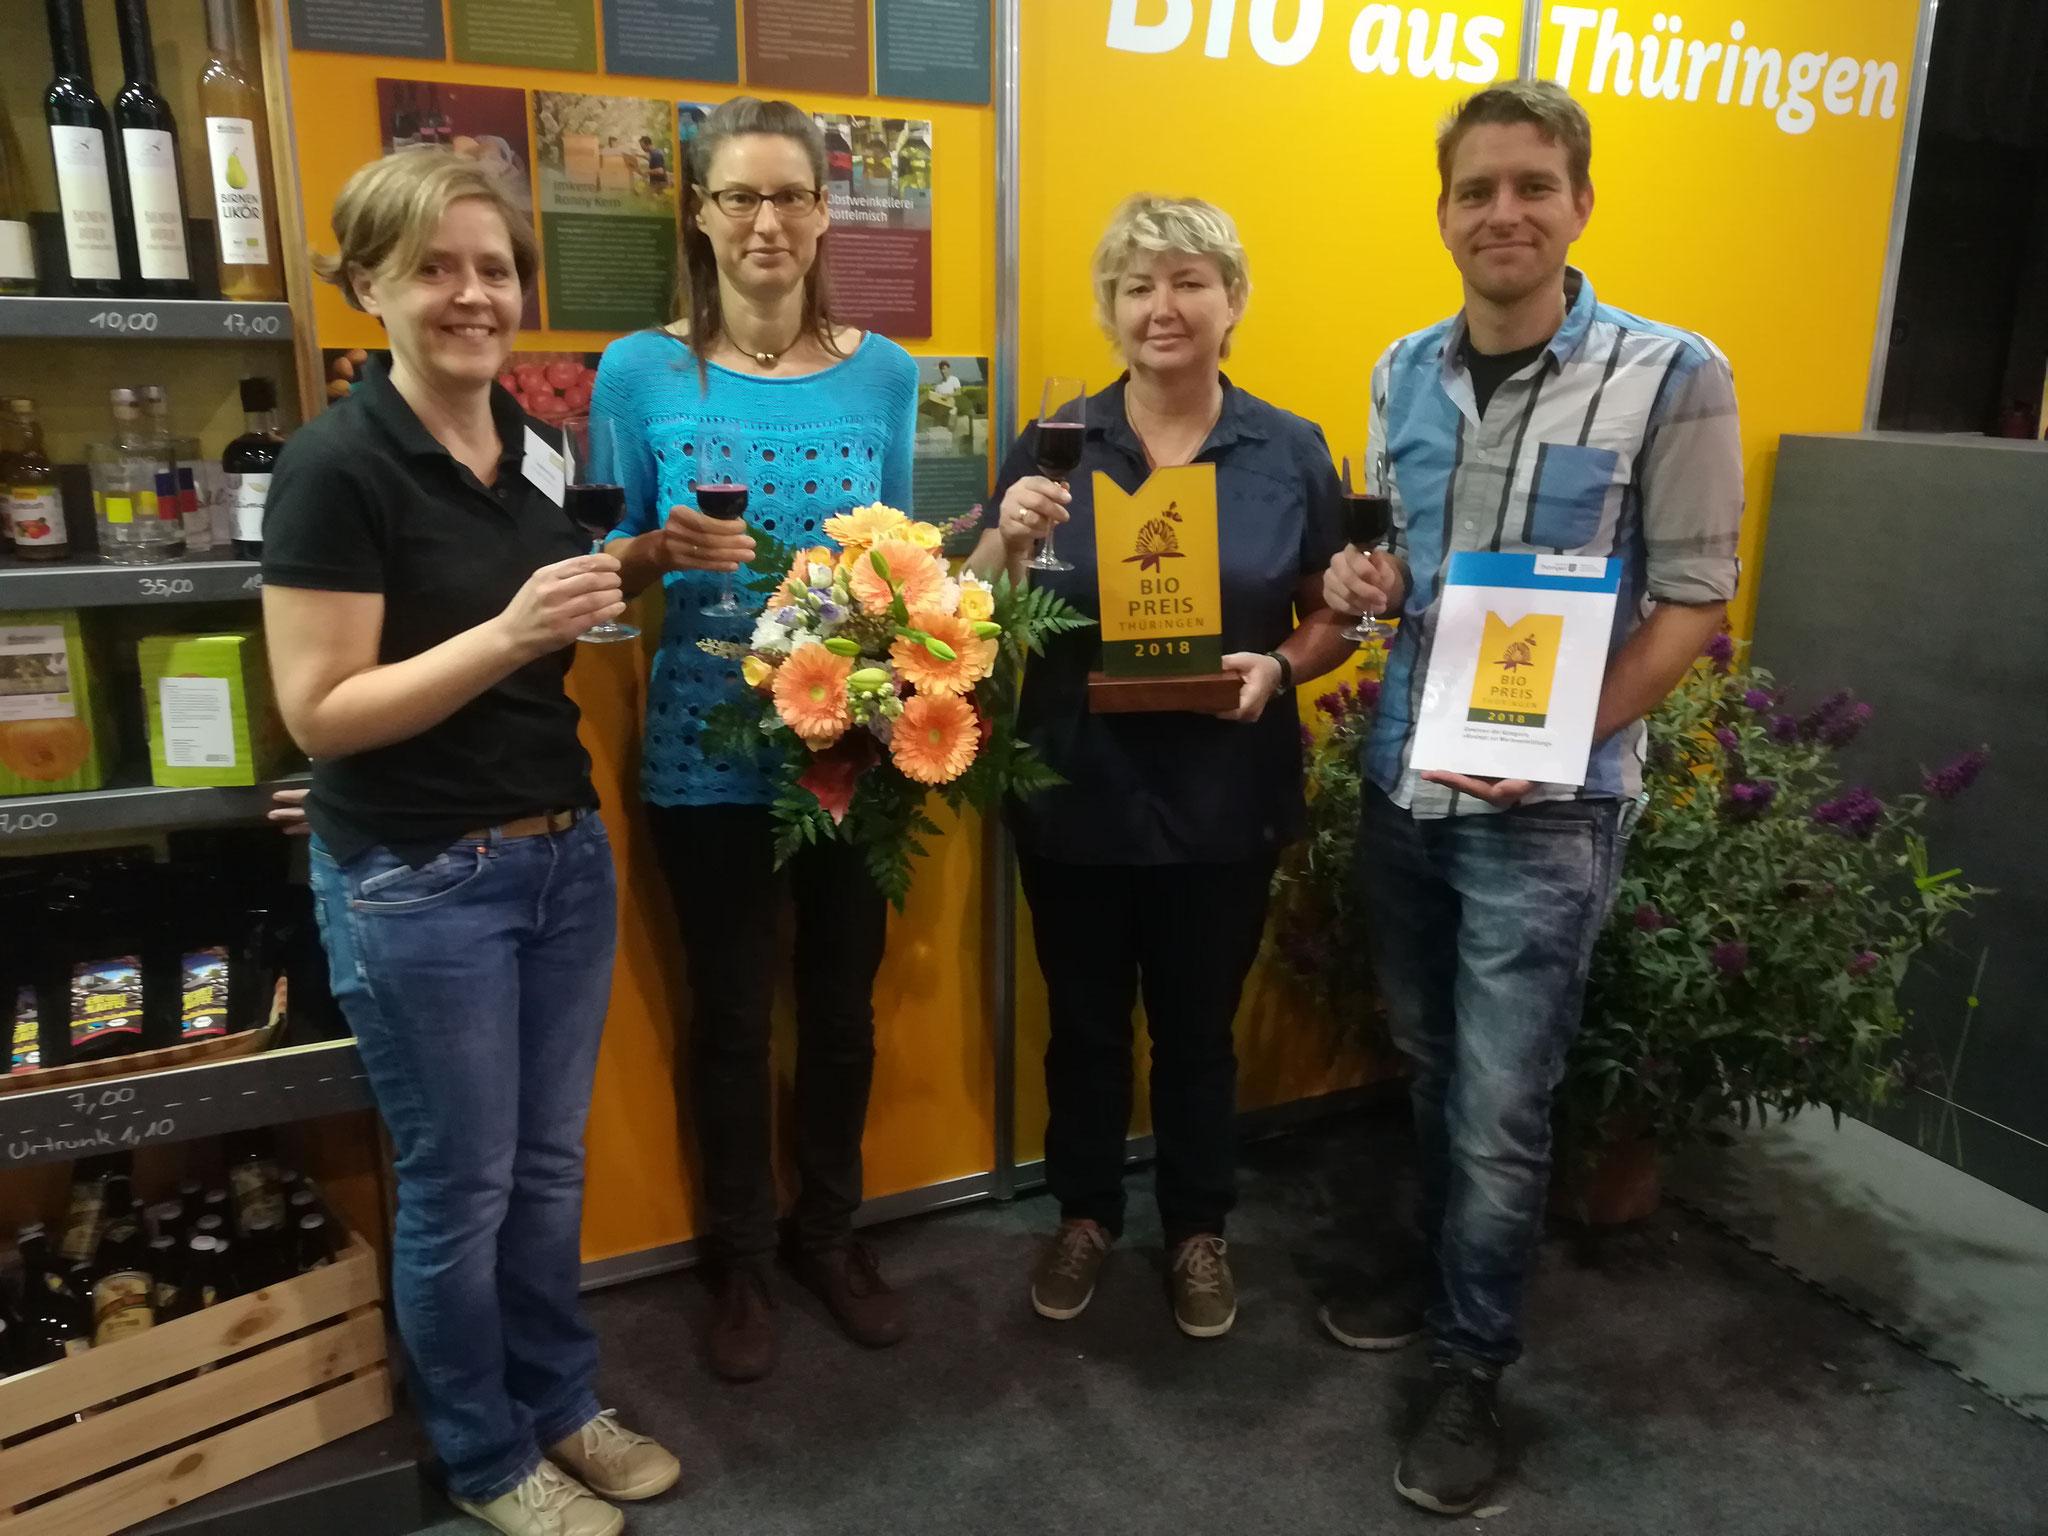 Susanne Kipp (Thüringer Ökoherz und Aufsichtsrat bei uns), Nicole Eger, Anett Kulka-Panek und Christoph Stolke (alle Mitarbeiter beim LandMarkt)